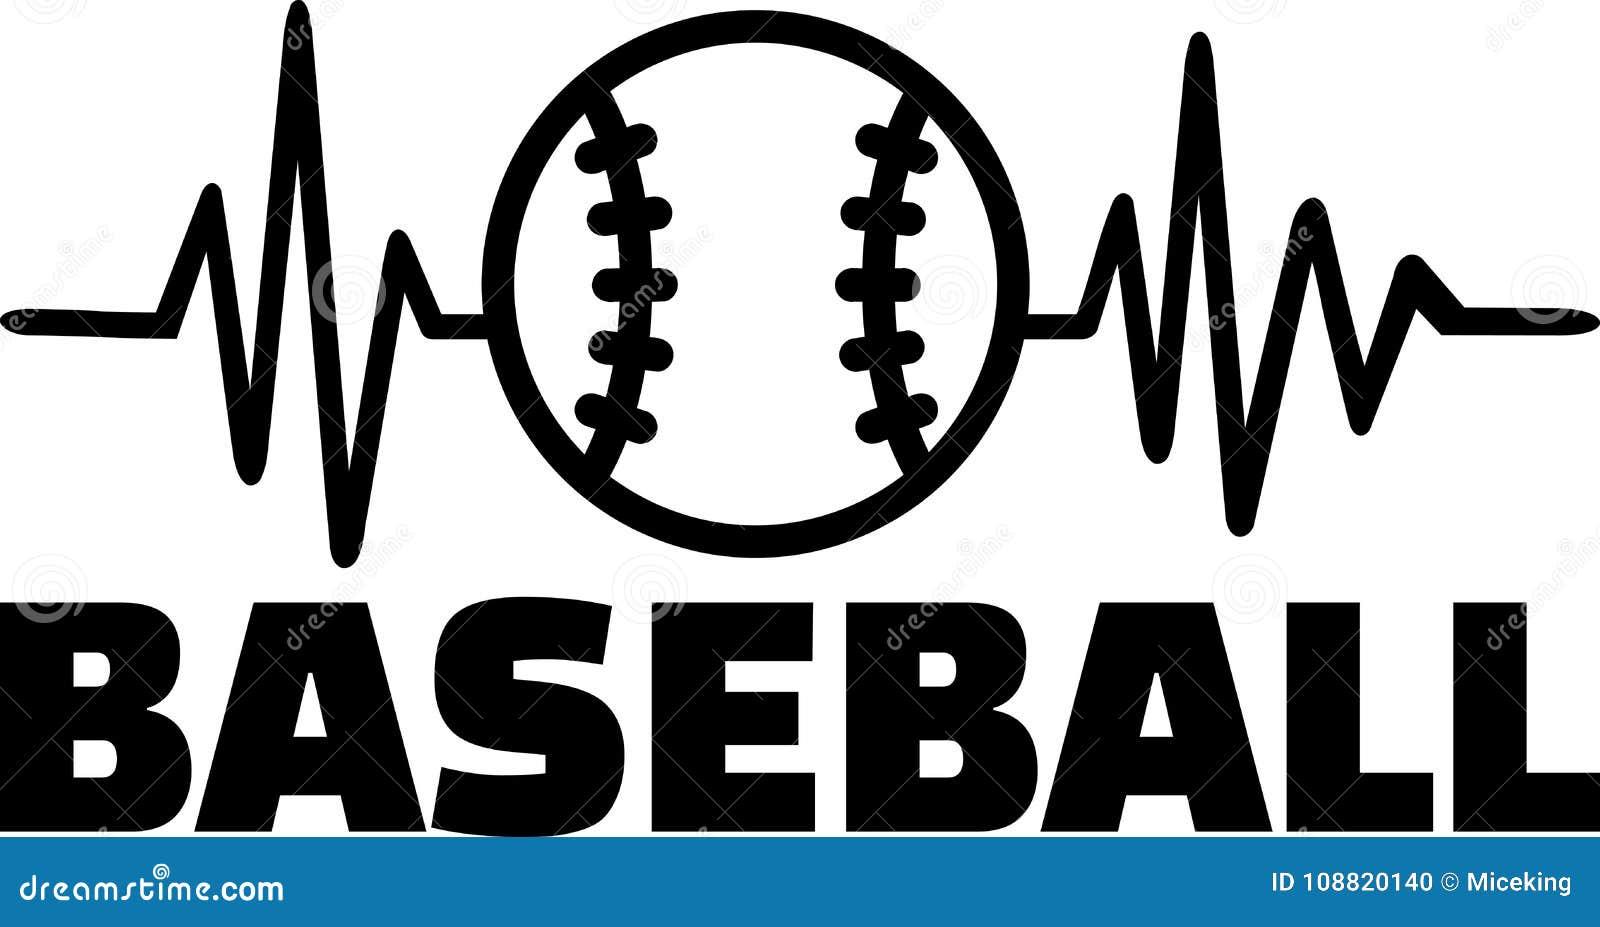 Baseballherzschlaglinie